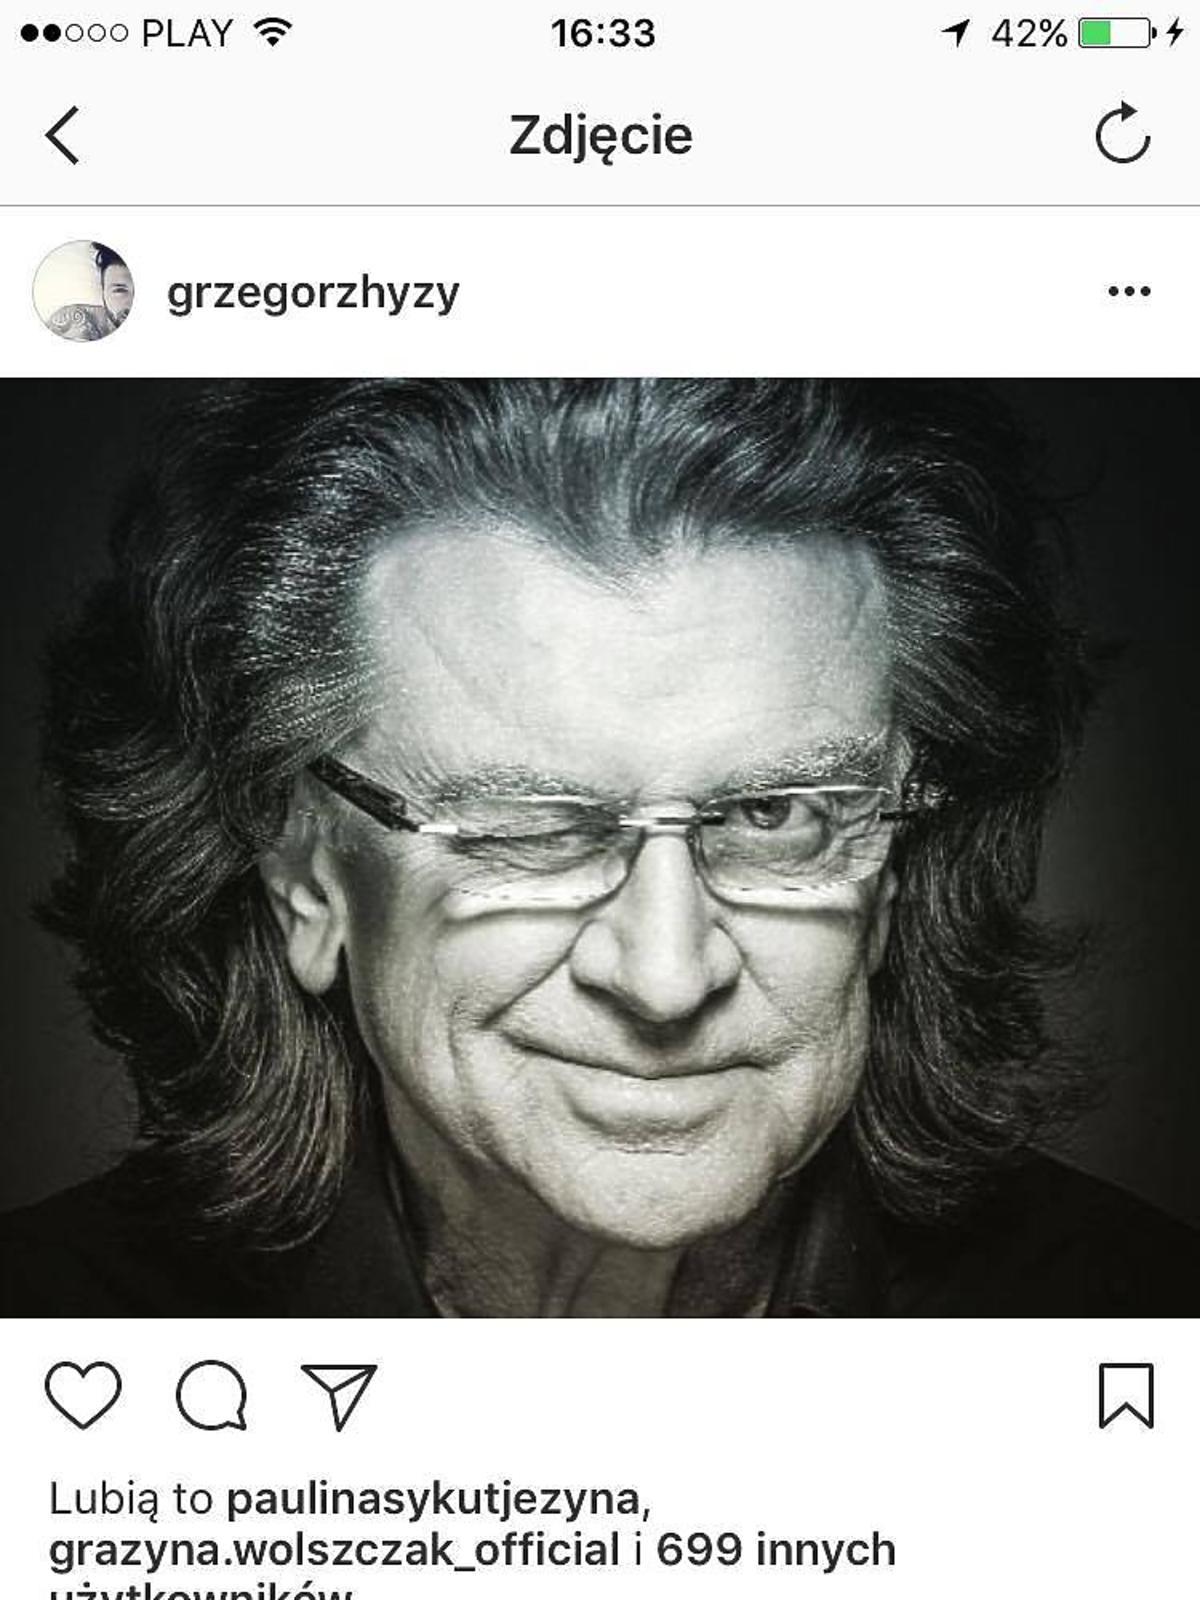 Grzegorz Hyży żegna Zbigniewa Wodeckiego